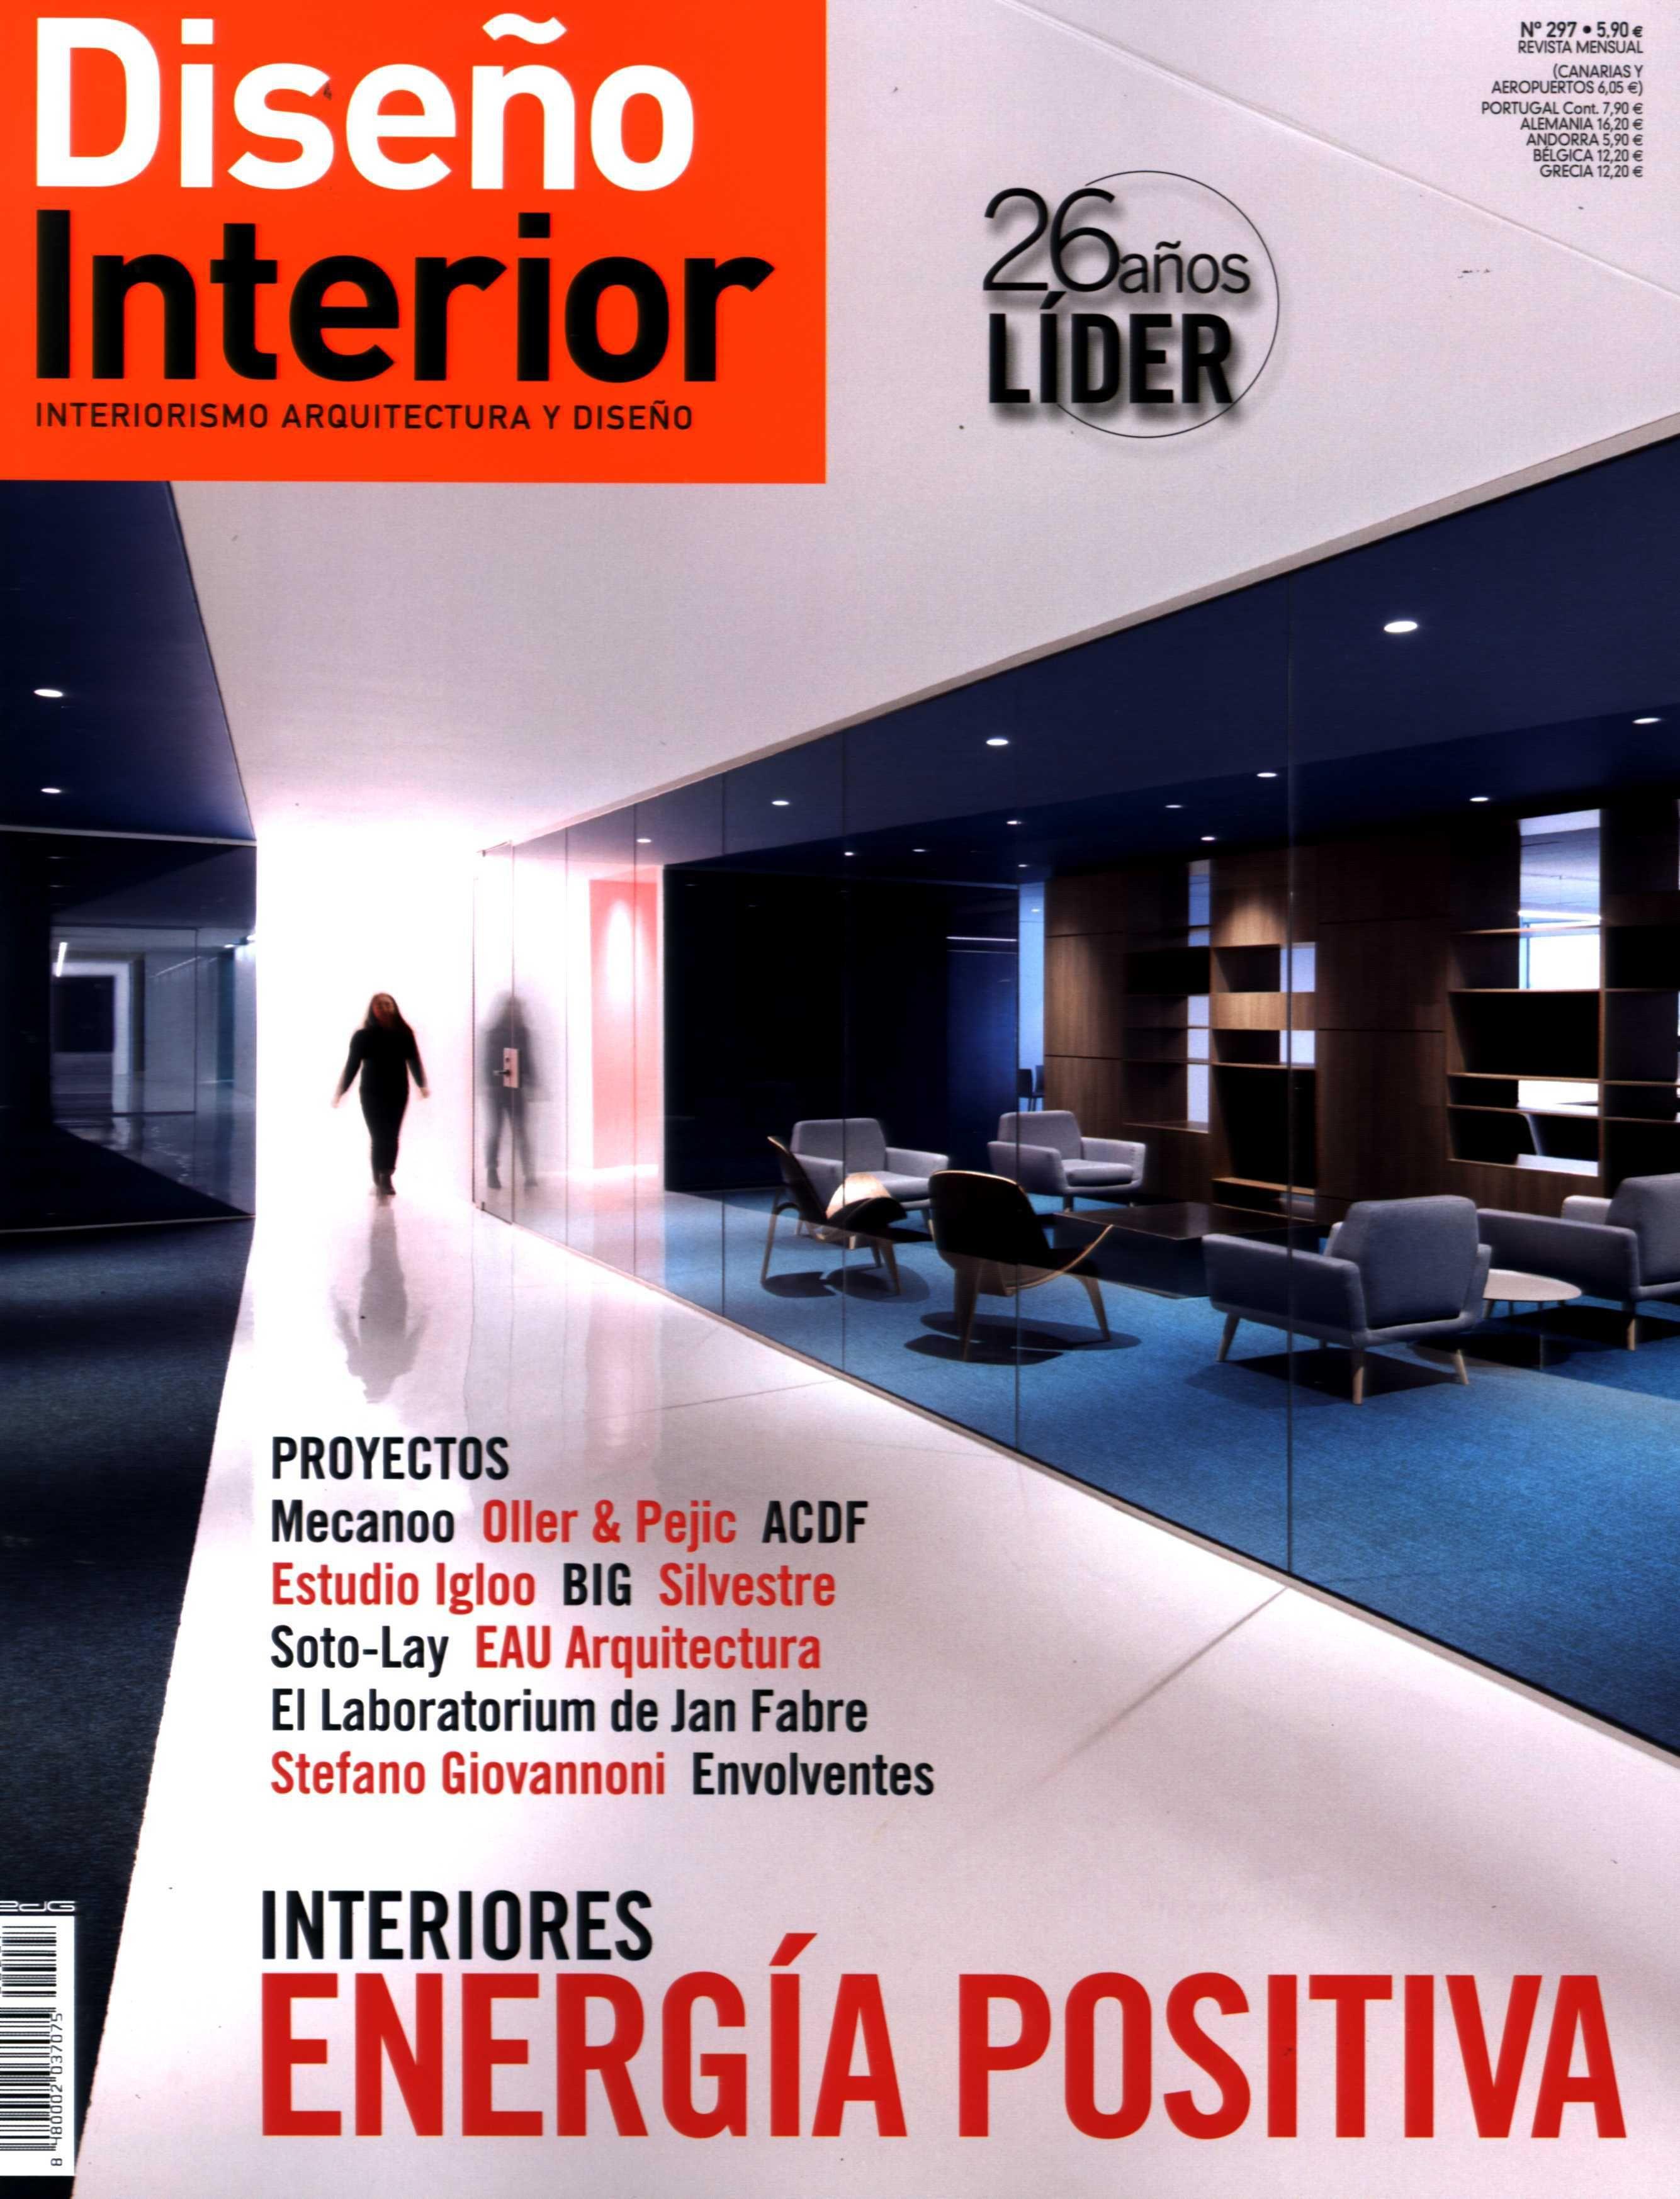 Resultado de imagen de revista diseño interior 297